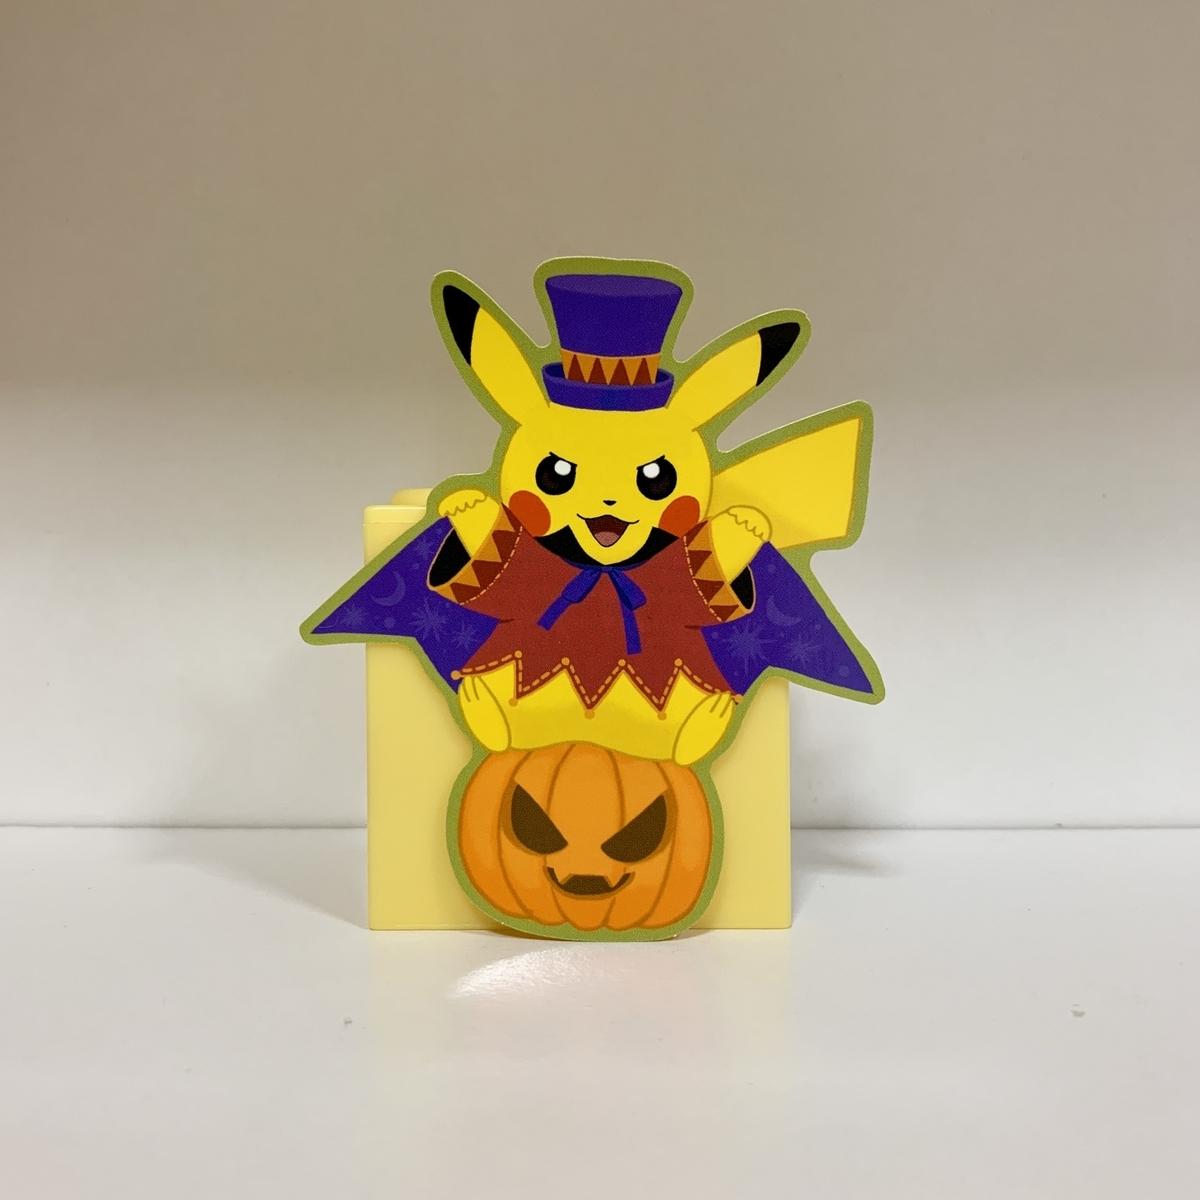 f:id:pikachu_pcn:20200912232318j:plain